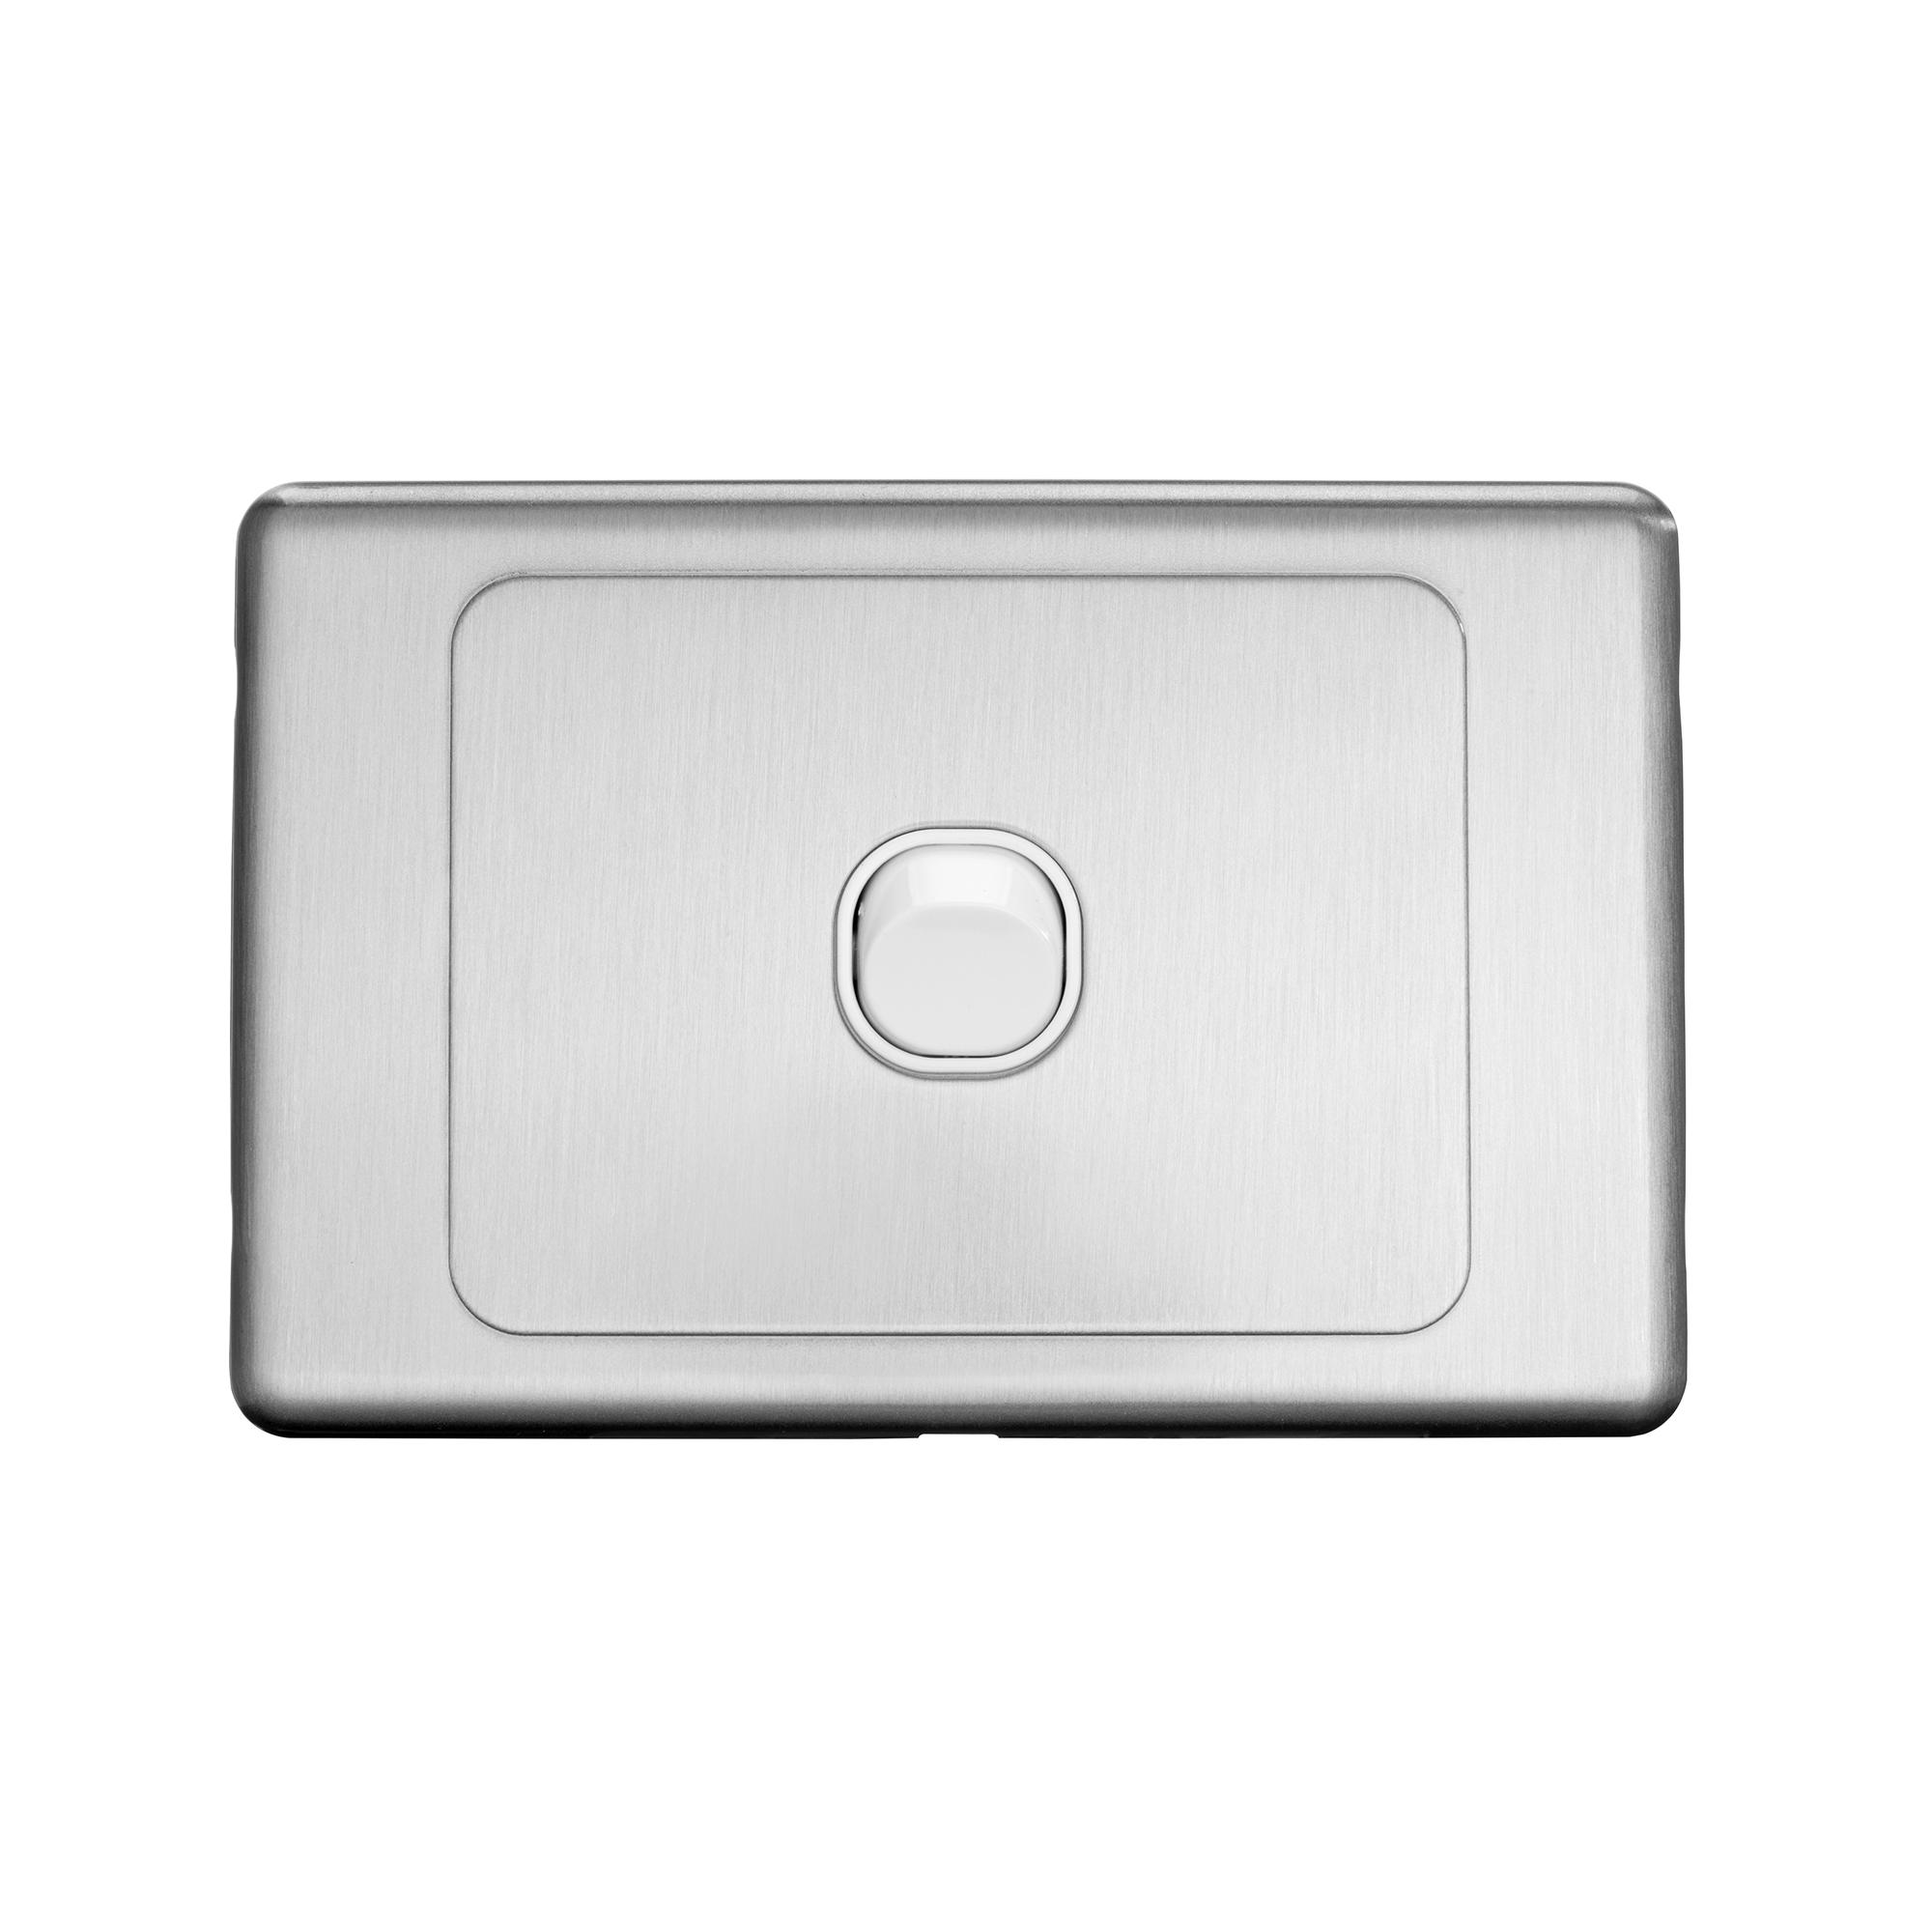 S-line s/steel single switch